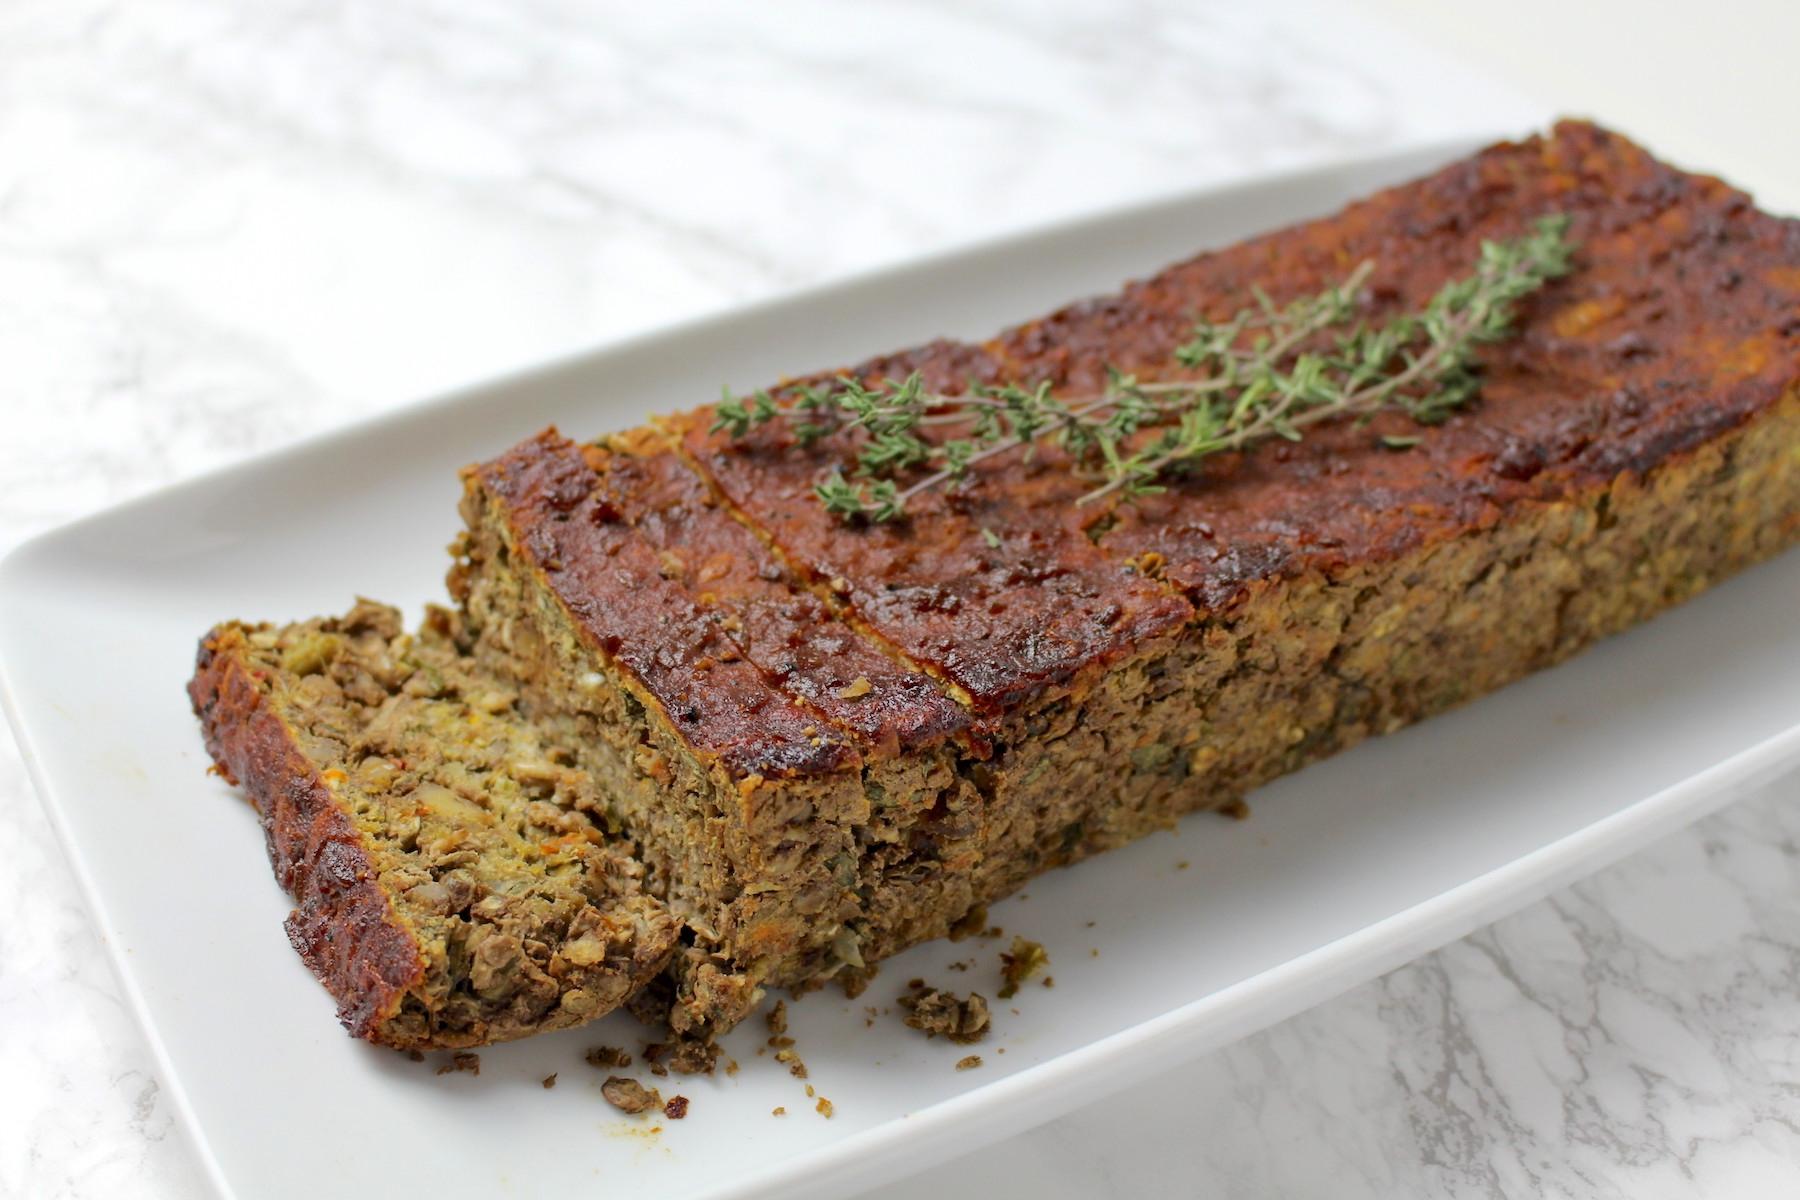 Weihnachtsmenü Vegan.Linsenbraten Mit Barbecue Glasur